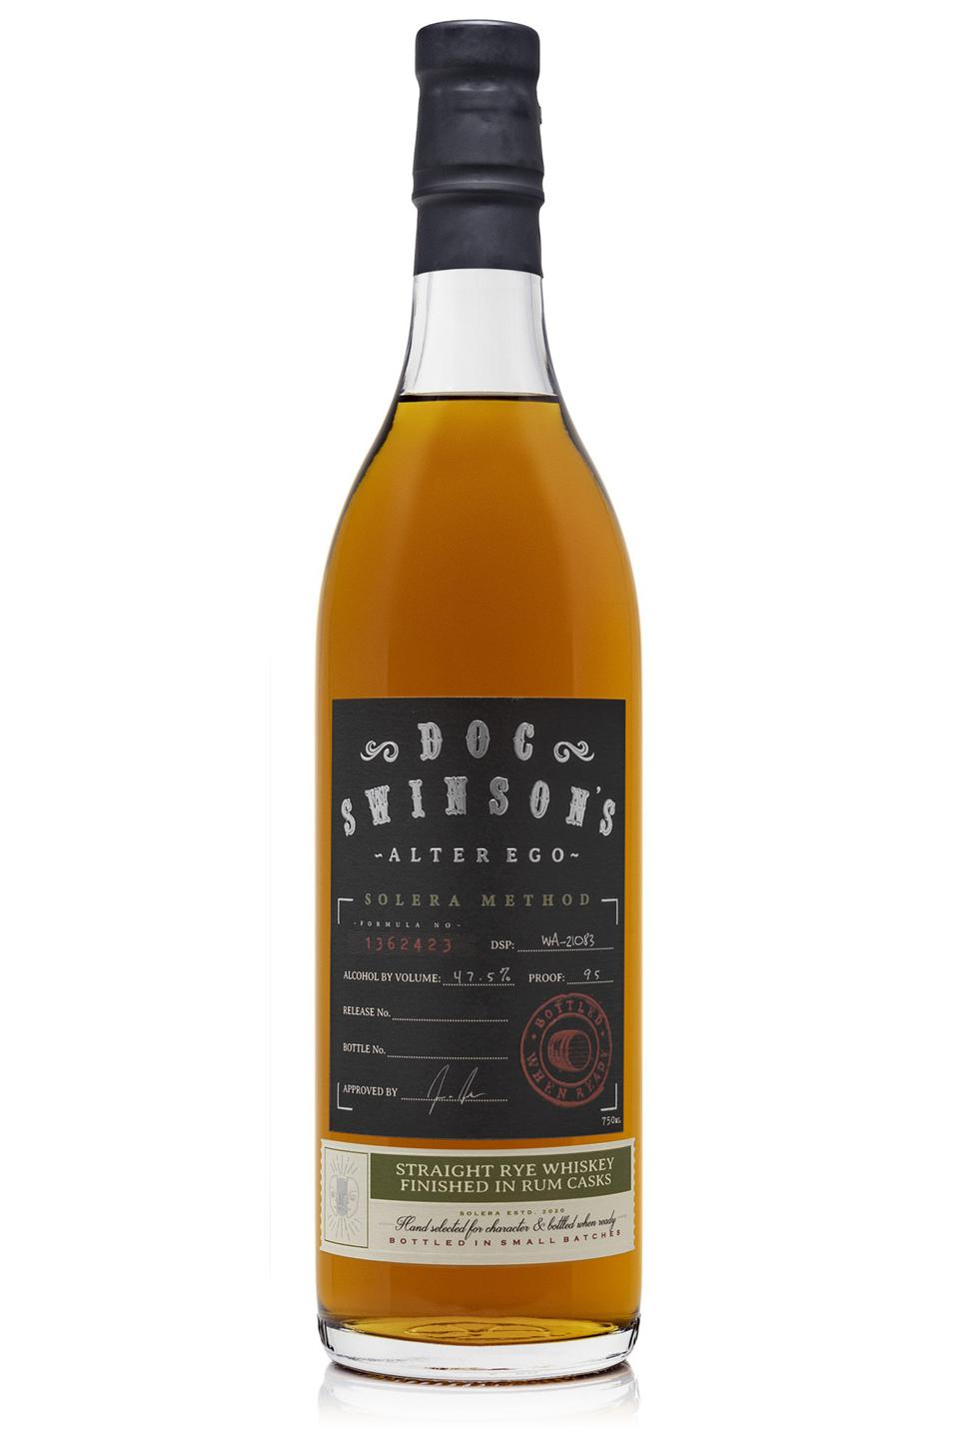 Doc Swinson's Alter Ego, Solera Method, Rye Whiskey